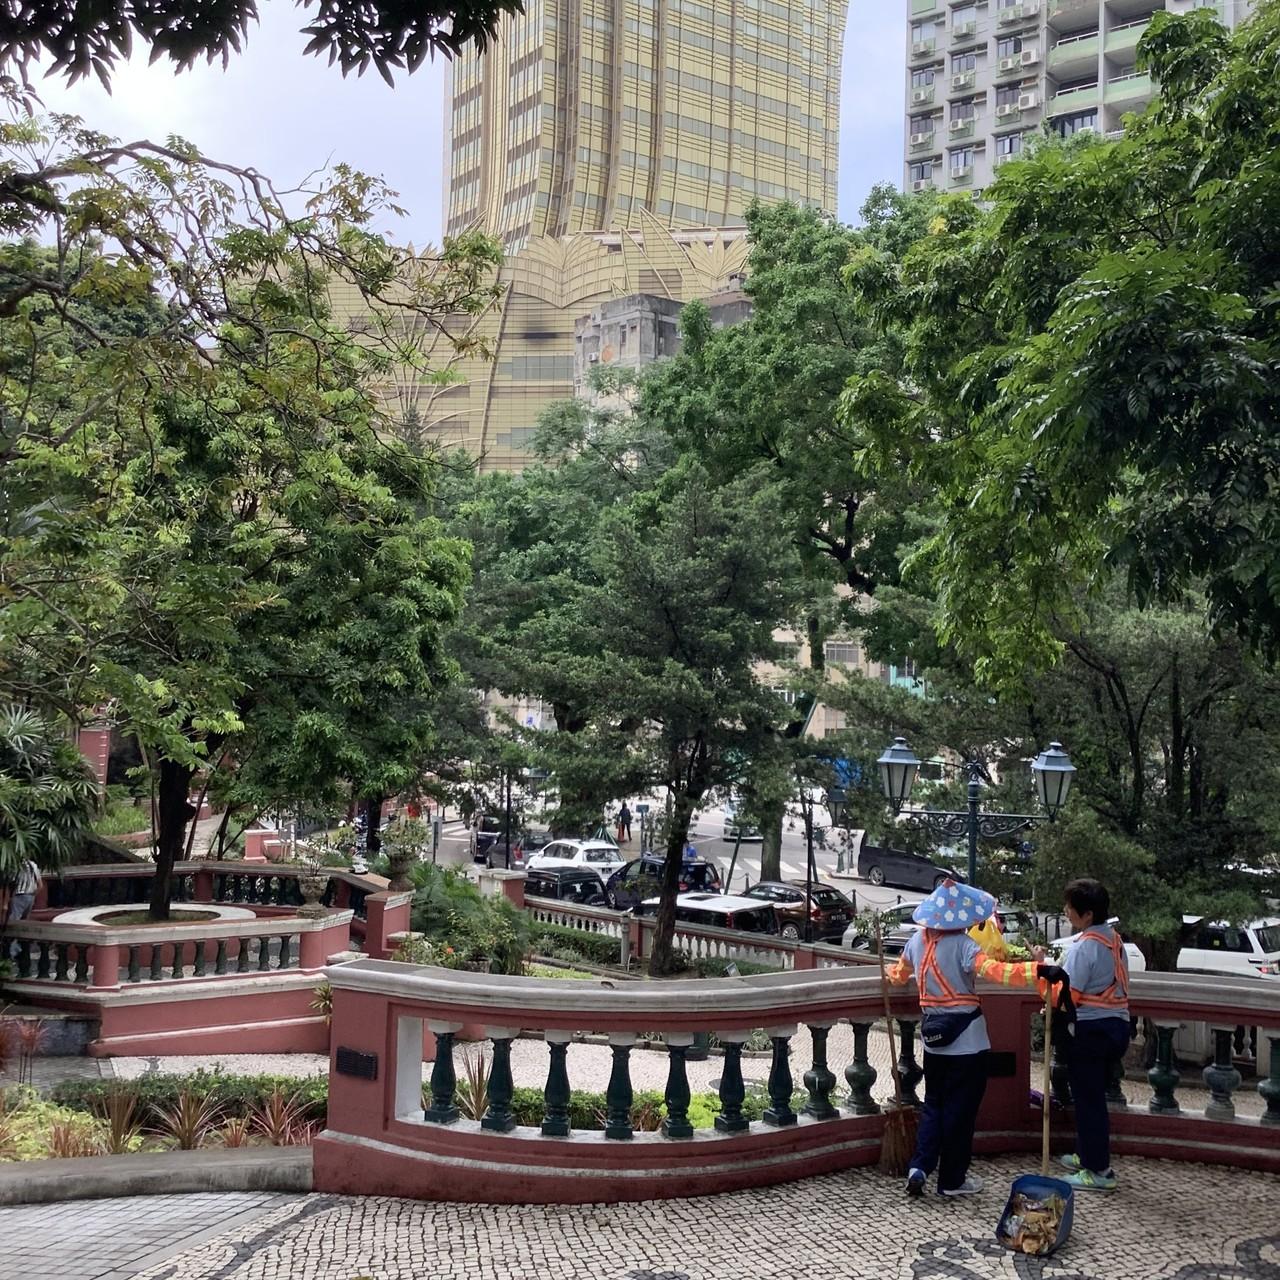 マカオ政府観光局のキャンペーンの一環で、現地からあれこれ発信するひとりに選んでいただけました。マカオといえばギャンブルだけど、私は賭け事に興味なし。ですが、すっかりマカオにハマりました。まち歩き、楽しいんですよ。街角スナップ集・第2弾です。ここは加思欄花園という公園、清掃のおばちゃんがかぶっている笠がかわいくて、思わず一枚。園内では早、サルスベリが咲いていましたよ。